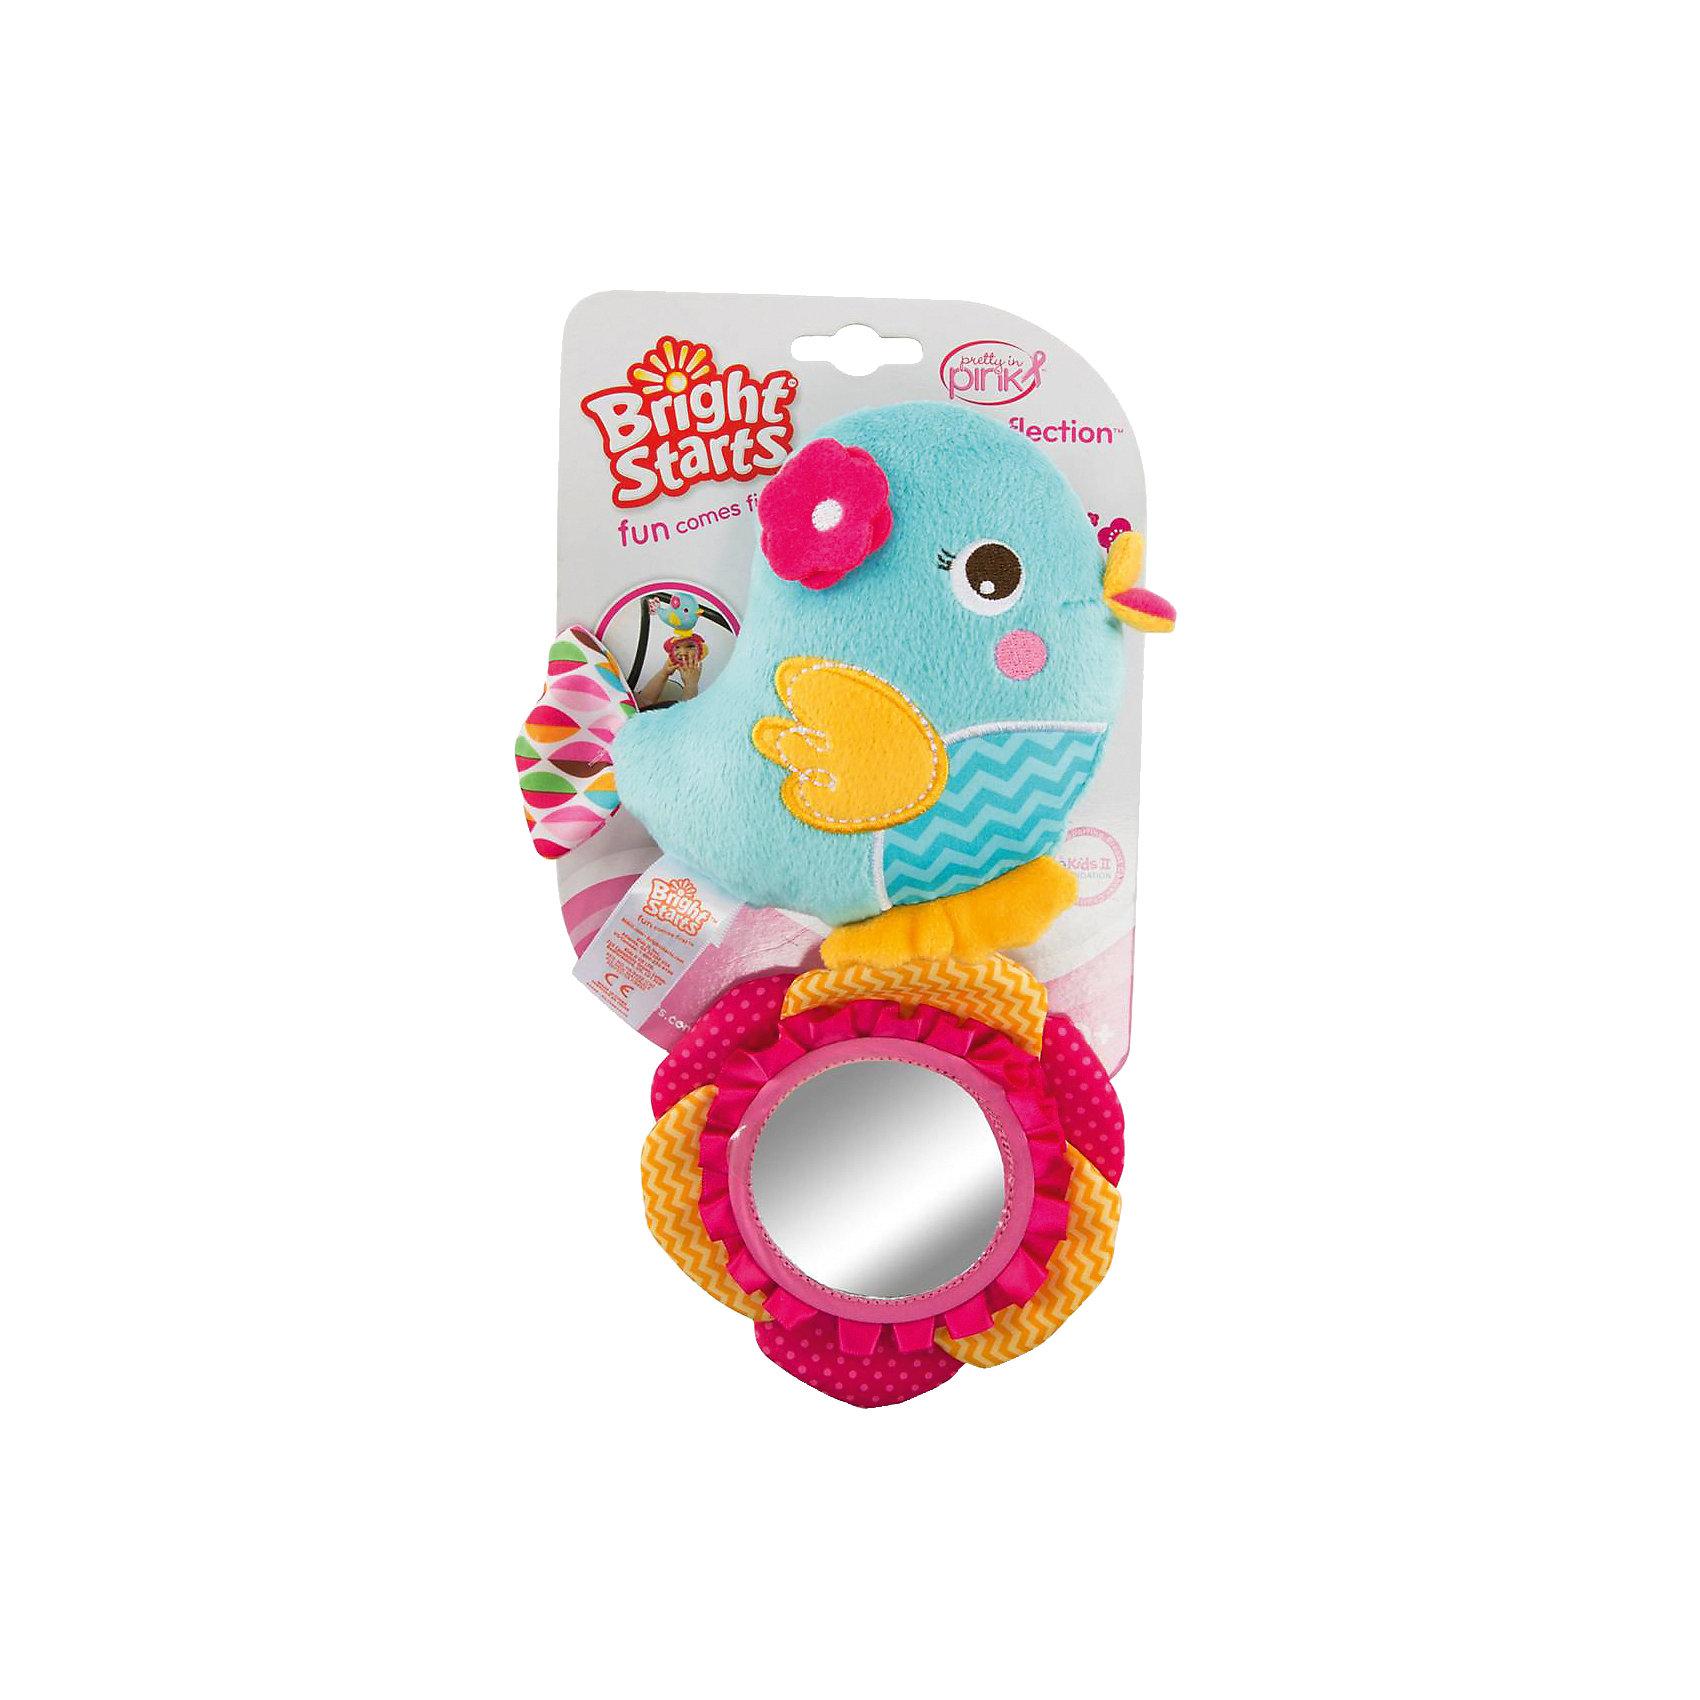 Развиващая игрушка Птичка, Bright StartsРазвивающие игрушки<br>Характеристики развивающей игрушки Bright Starts:<br><br>• высота игрушки: 24 см;<br>• материал: текстиль;<br>• размер упаковки: 20x17x5 см;<br>• вес упаковки: 60 г.<br><br>Развивающая игрушка «Птичка» мягкая на ощупь, имеет безопасное зеркальце, крепится к коляске, кроватке или автокреслу. <br><br>Развивающую игрушку Птичка, Bright Starts можно купить в нашем интернет-магазине.<br><br>Ширина мм: 145<br>Глубина мм: 48<br>Высота мм: 244<br>Вес г: 91<br>Возраст от месяцев: 4<br>Возраст до месяцев: 36<br>Пол: Унисекс<br>Возраст: Детский<br>SKU: 4553888